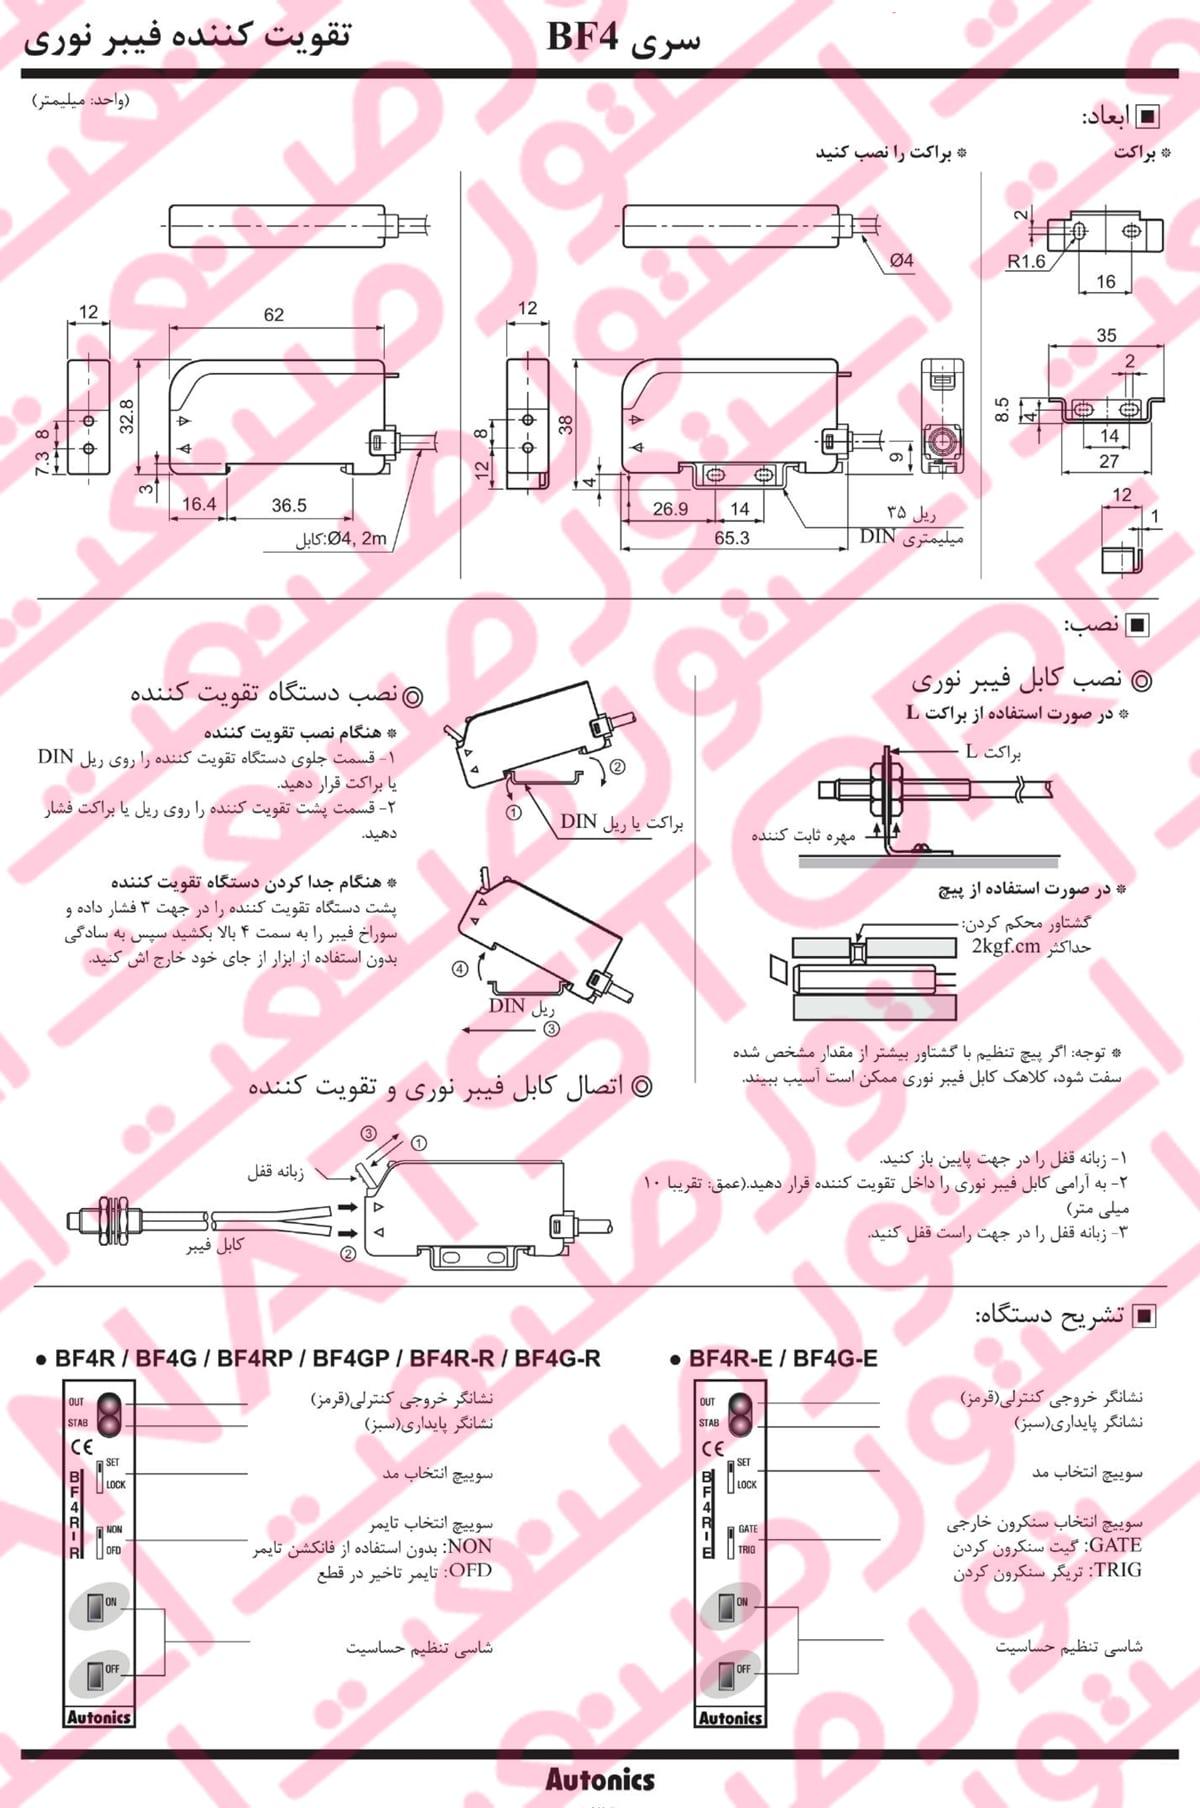 راهنمای نصب آمپلی فایر فیبر نوری آتونیکس سری BF4